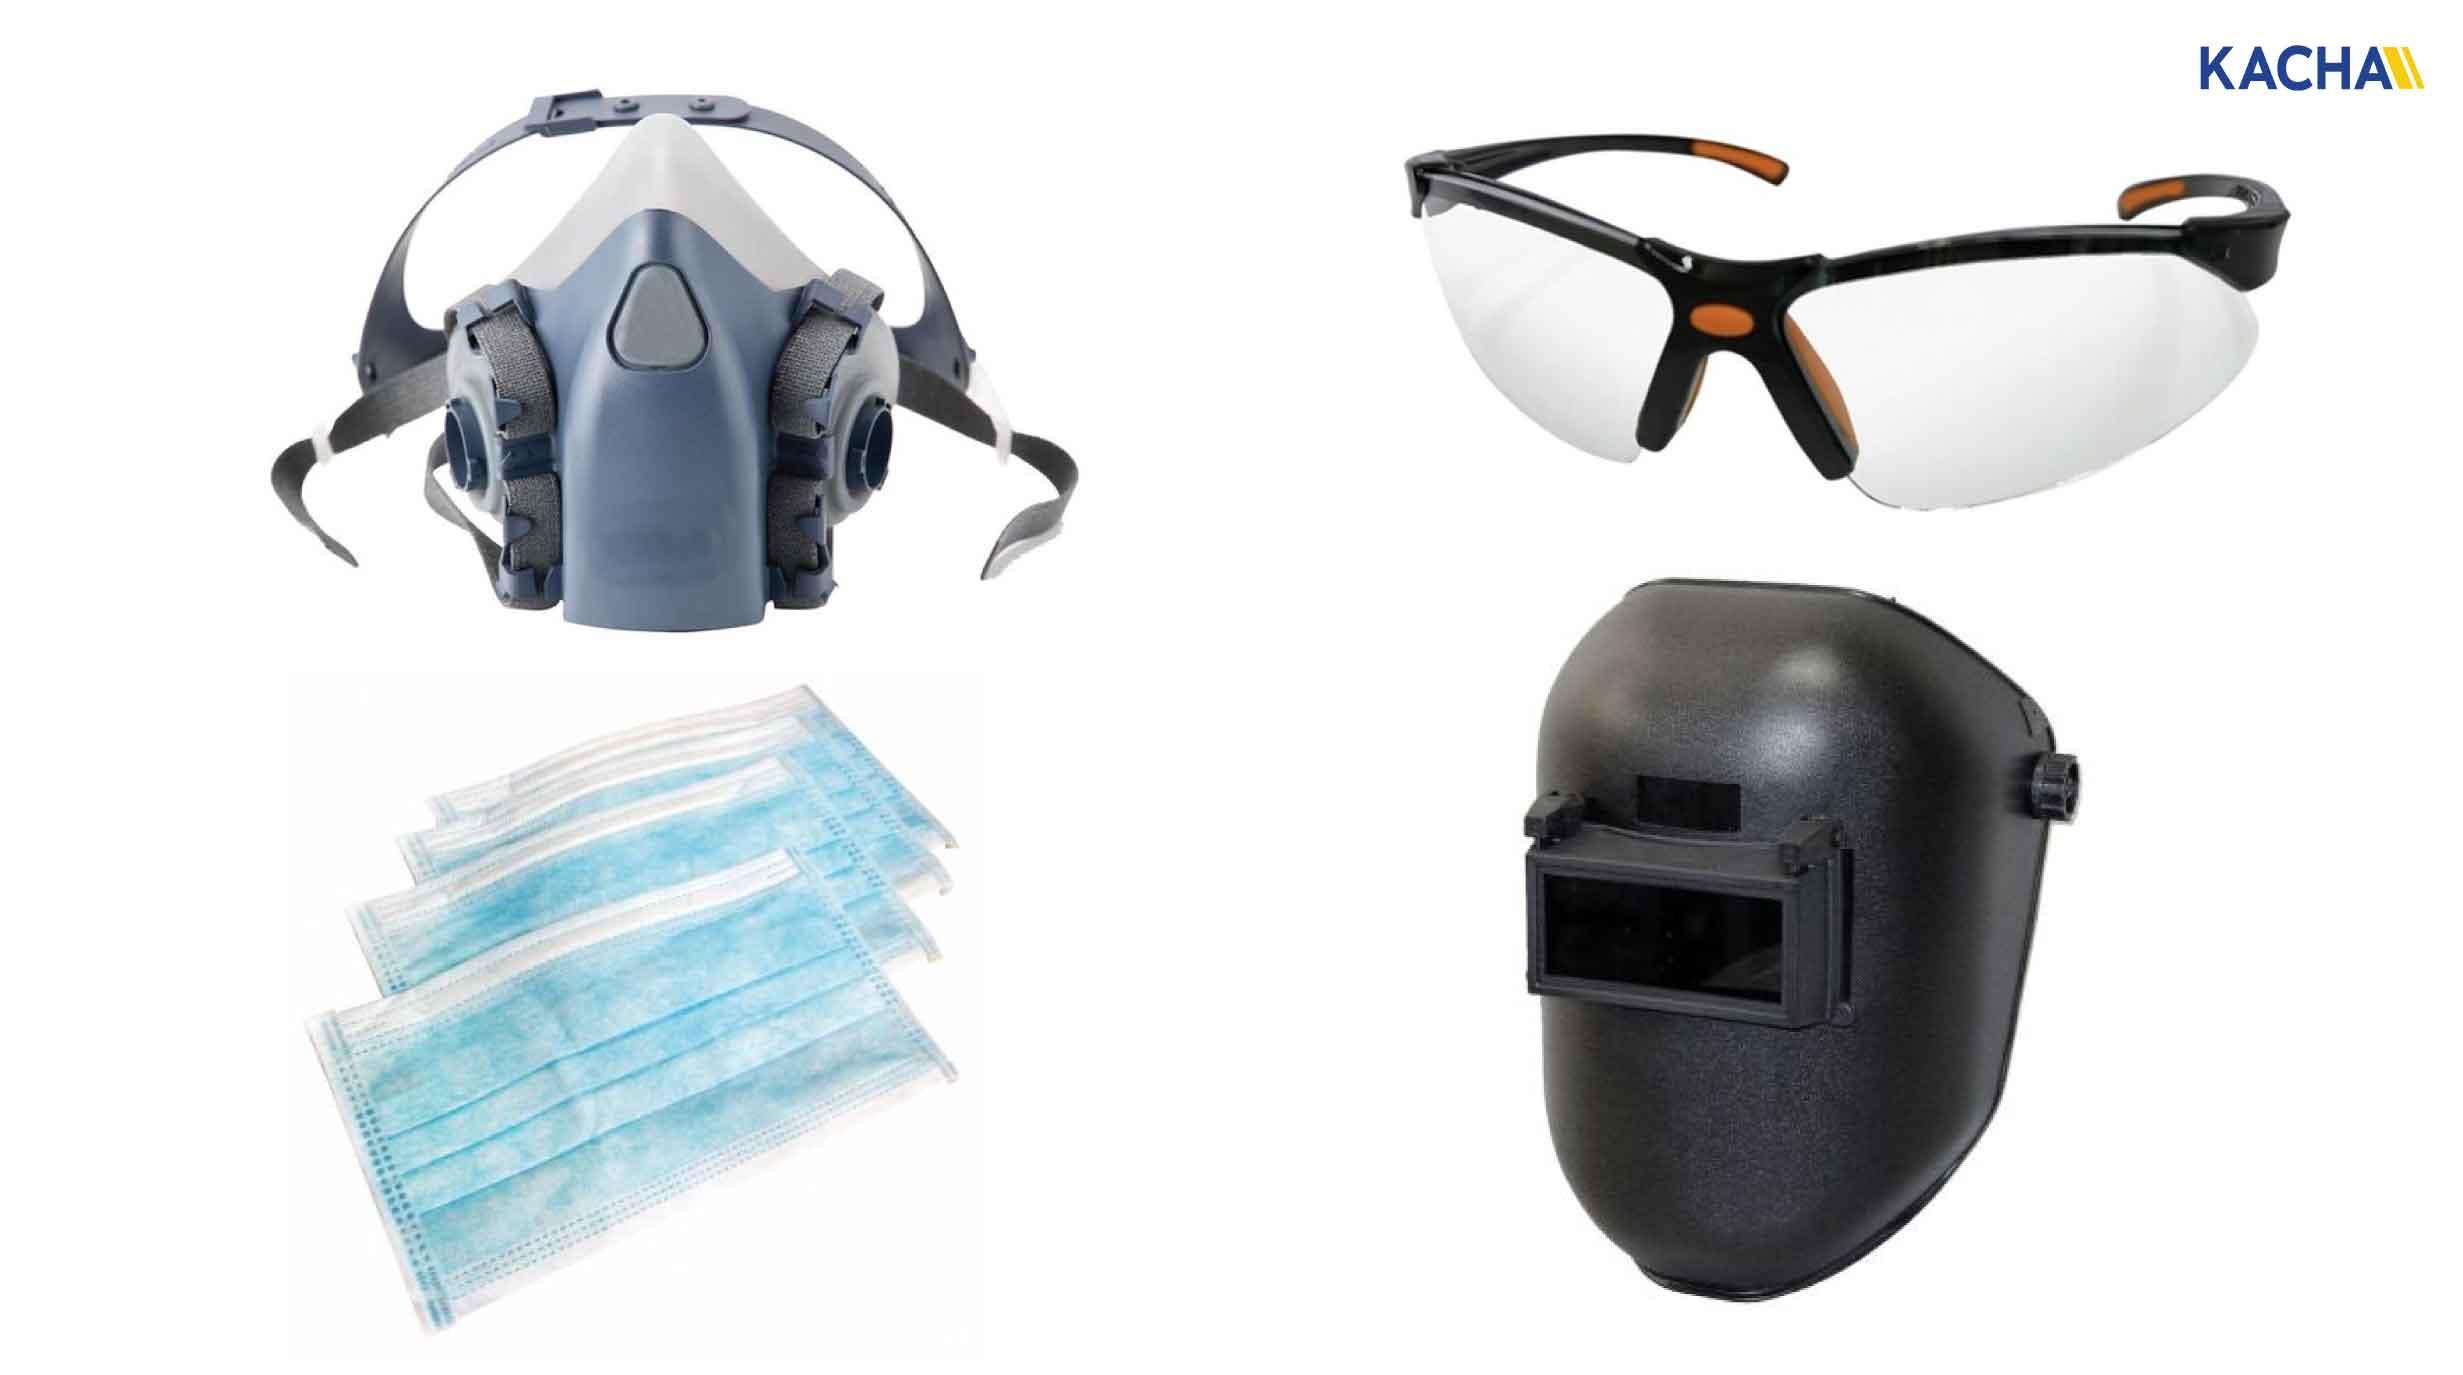 210616-Content-อุปกรณ์เซฟตี้-หรือ-PPE-คืออะไร02